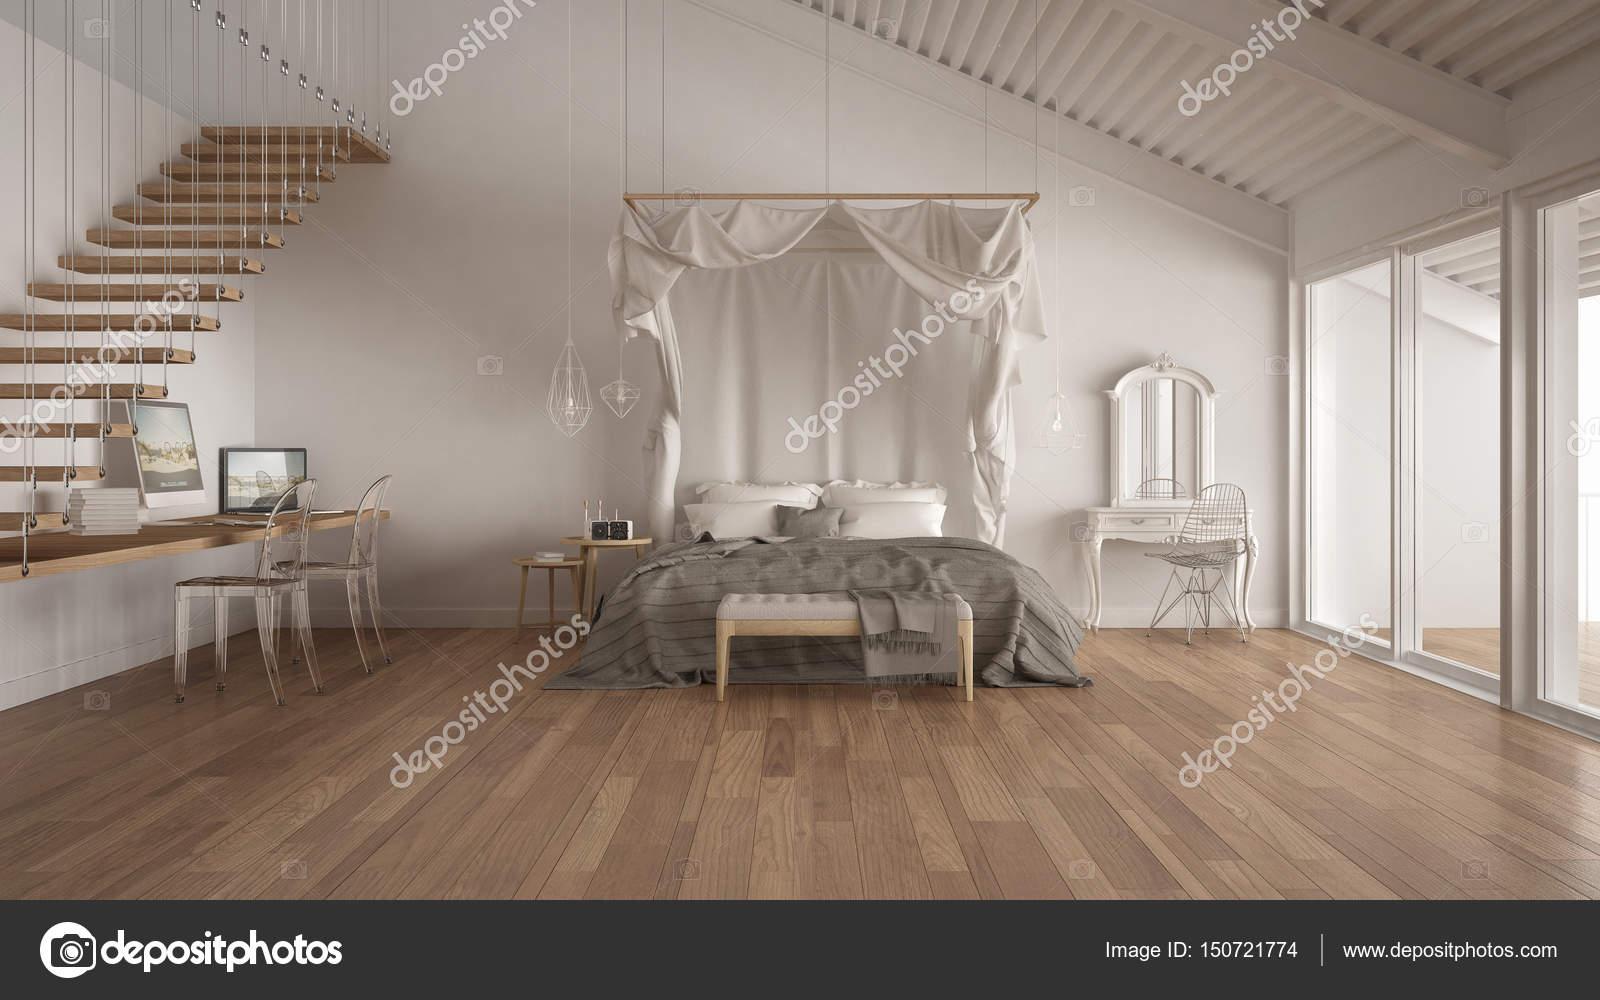 Himmelbett In Minimalistische Weiße Schlafzimmer Mit Nach Hause Arbeitsplatz,  Skandinavische Klassische Innenarchitektur U2014 Foto Von ArchiVIz